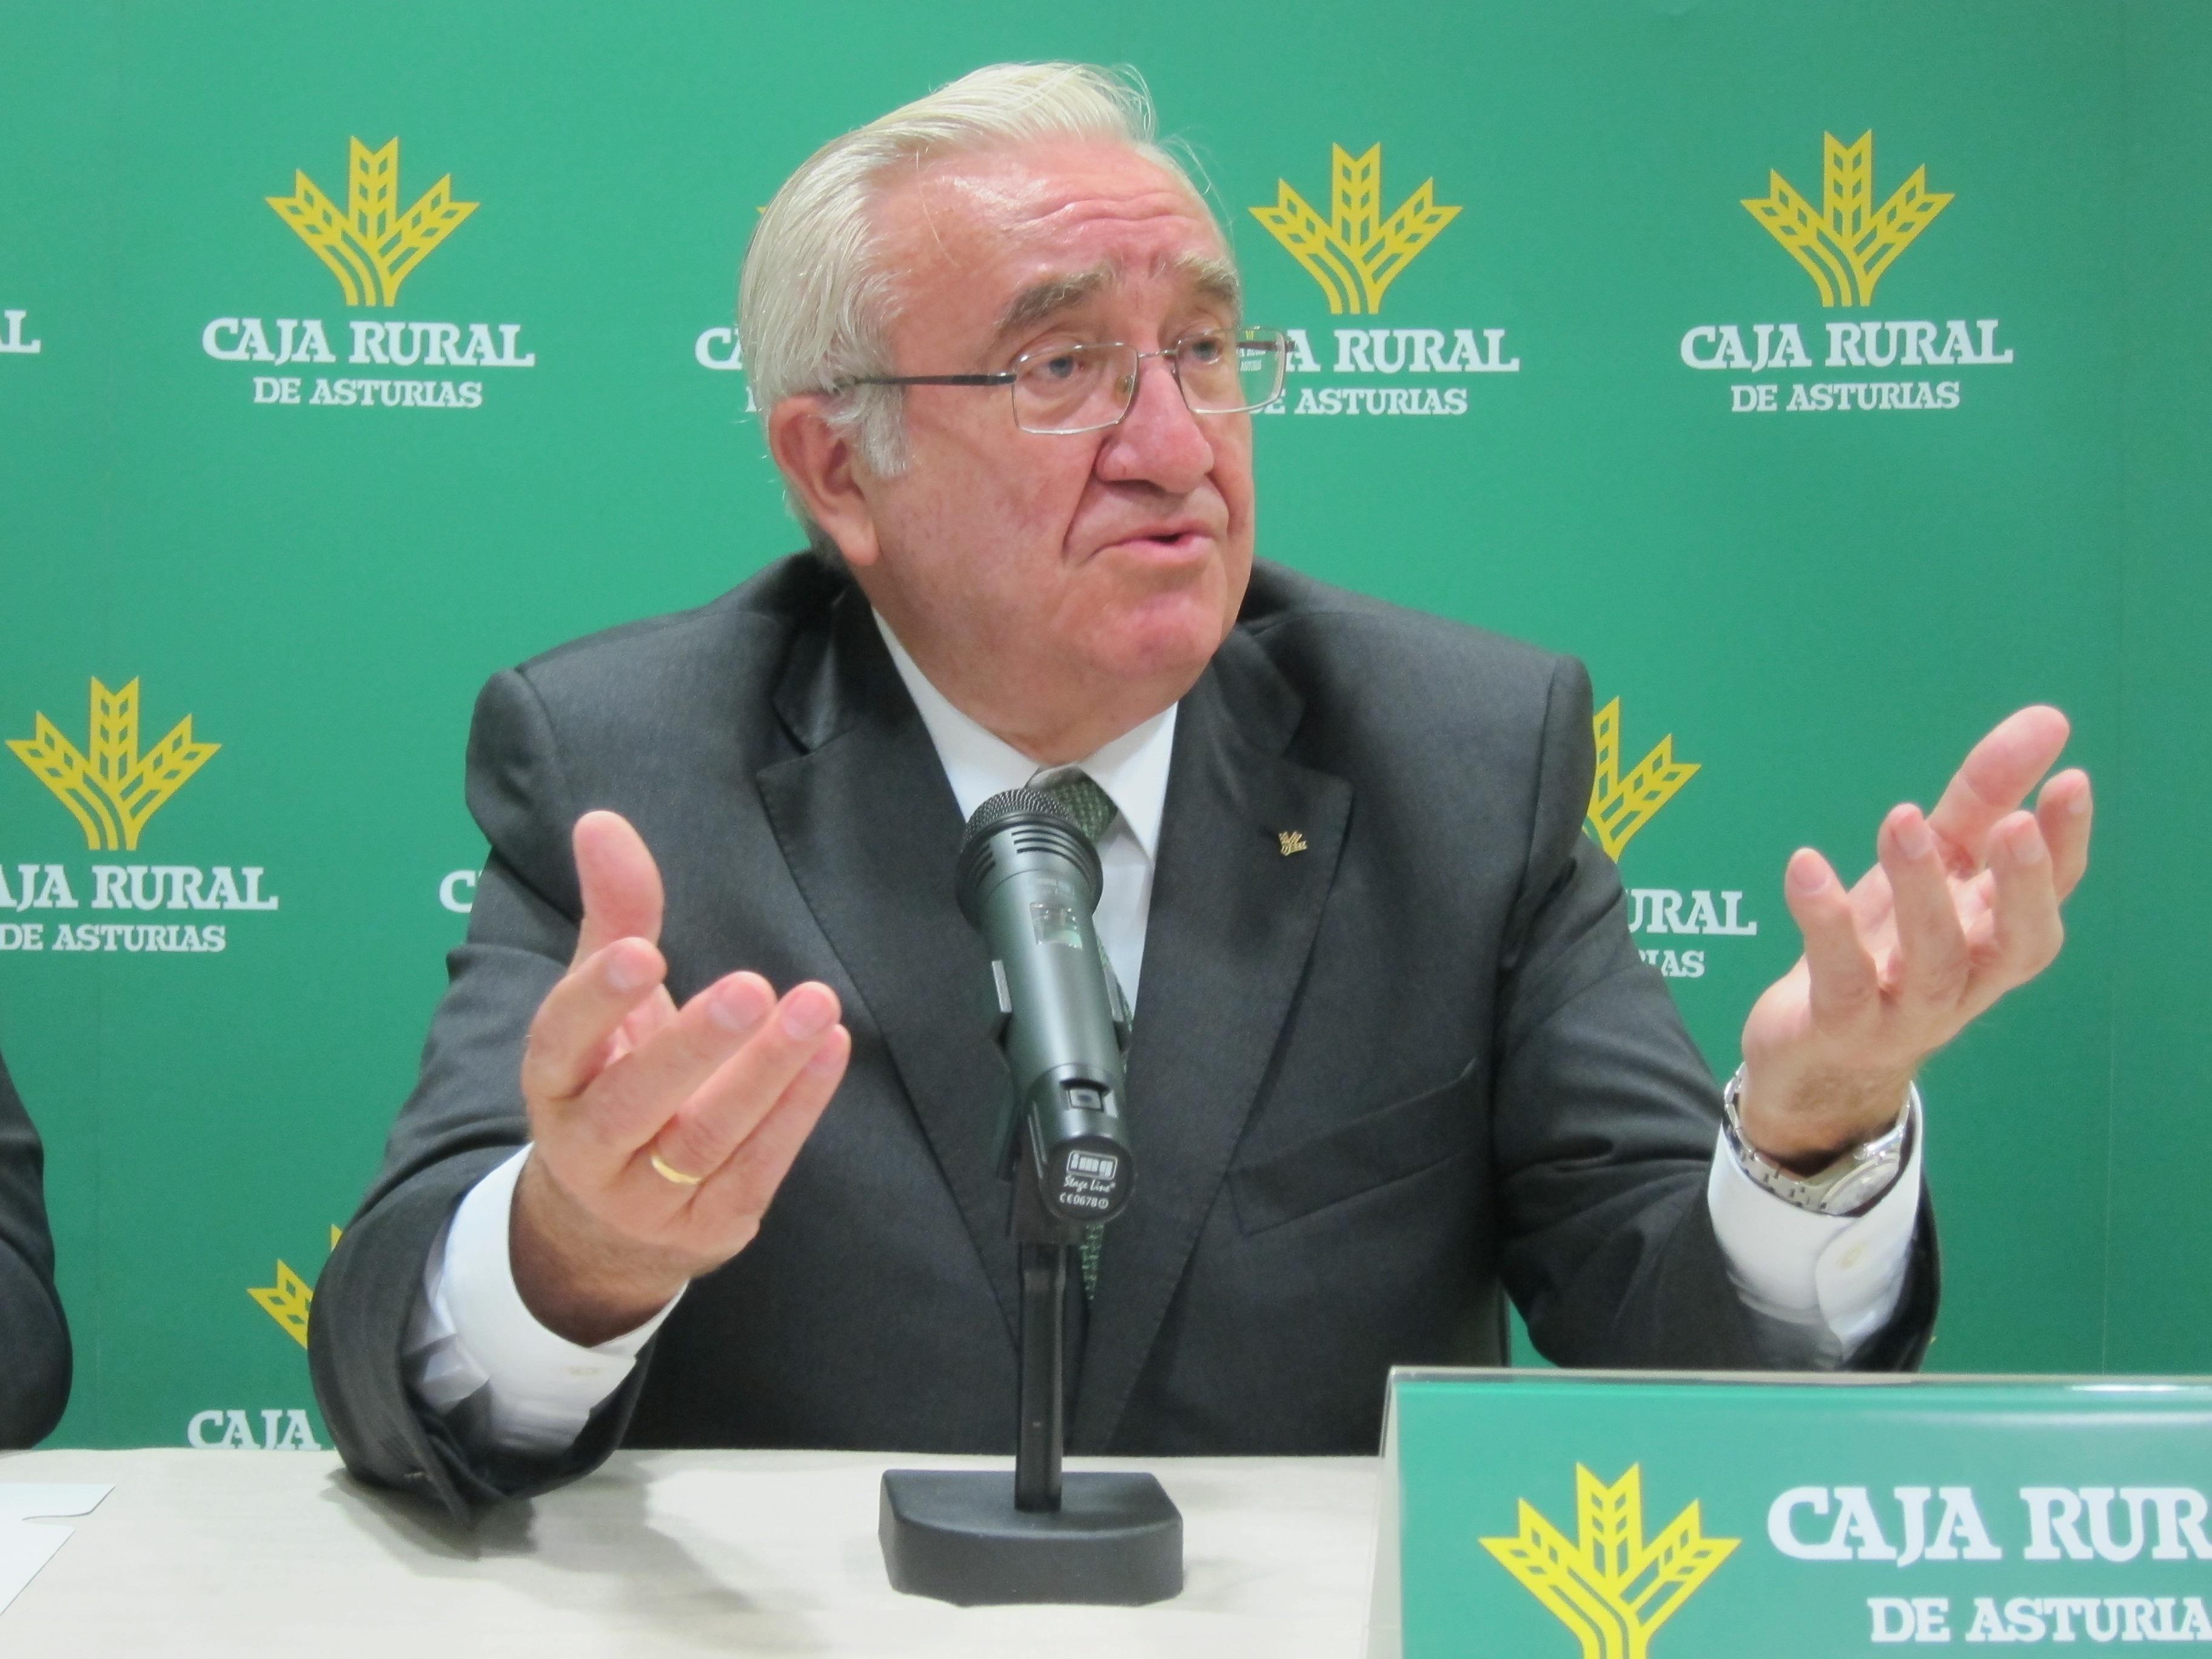 José María Quirós destaca la solvencia de Caja Rural de Asturias